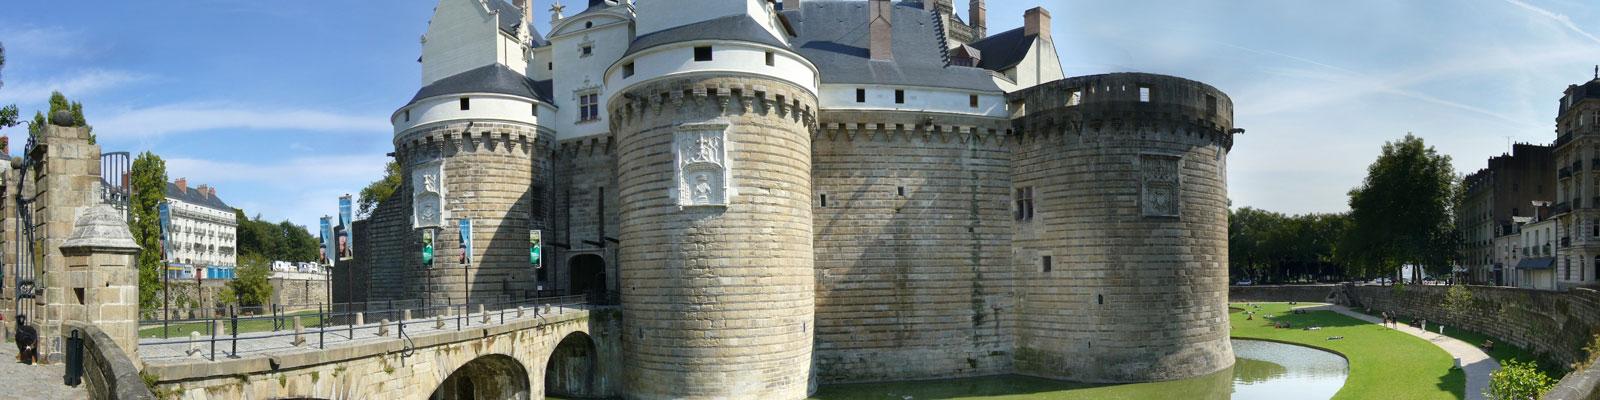 Château des ducs de Bretagne - Visiter Nantes depuis la résidence pour sénior Charles Roger